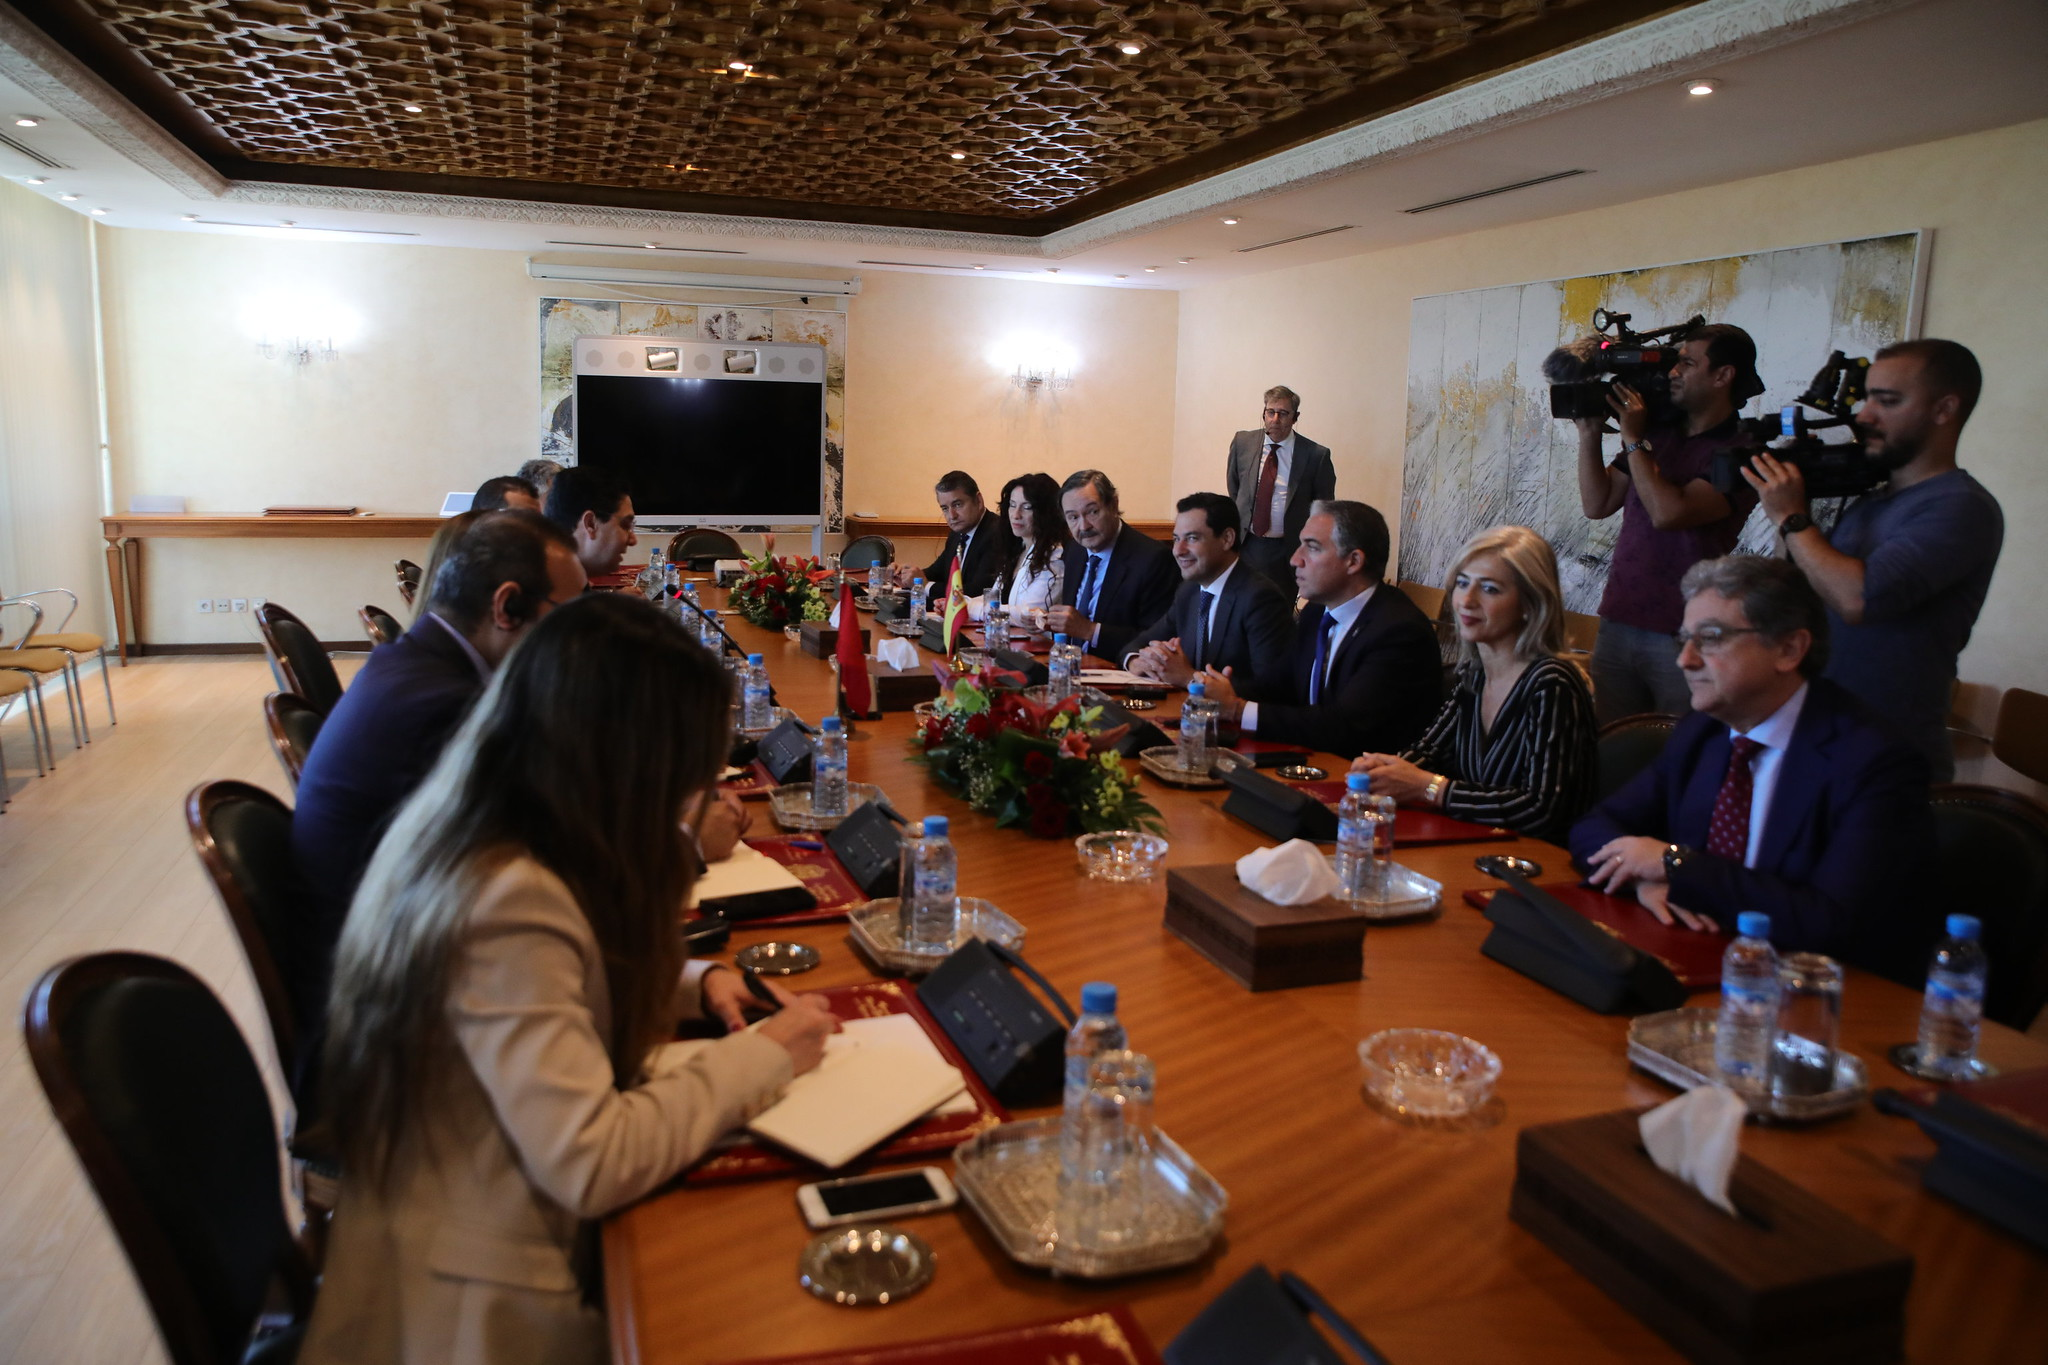 2019-06-18. Junta de Andalucía. Segunda jornada del viaje oficial del presidente Juanma Moreno a Marruecos